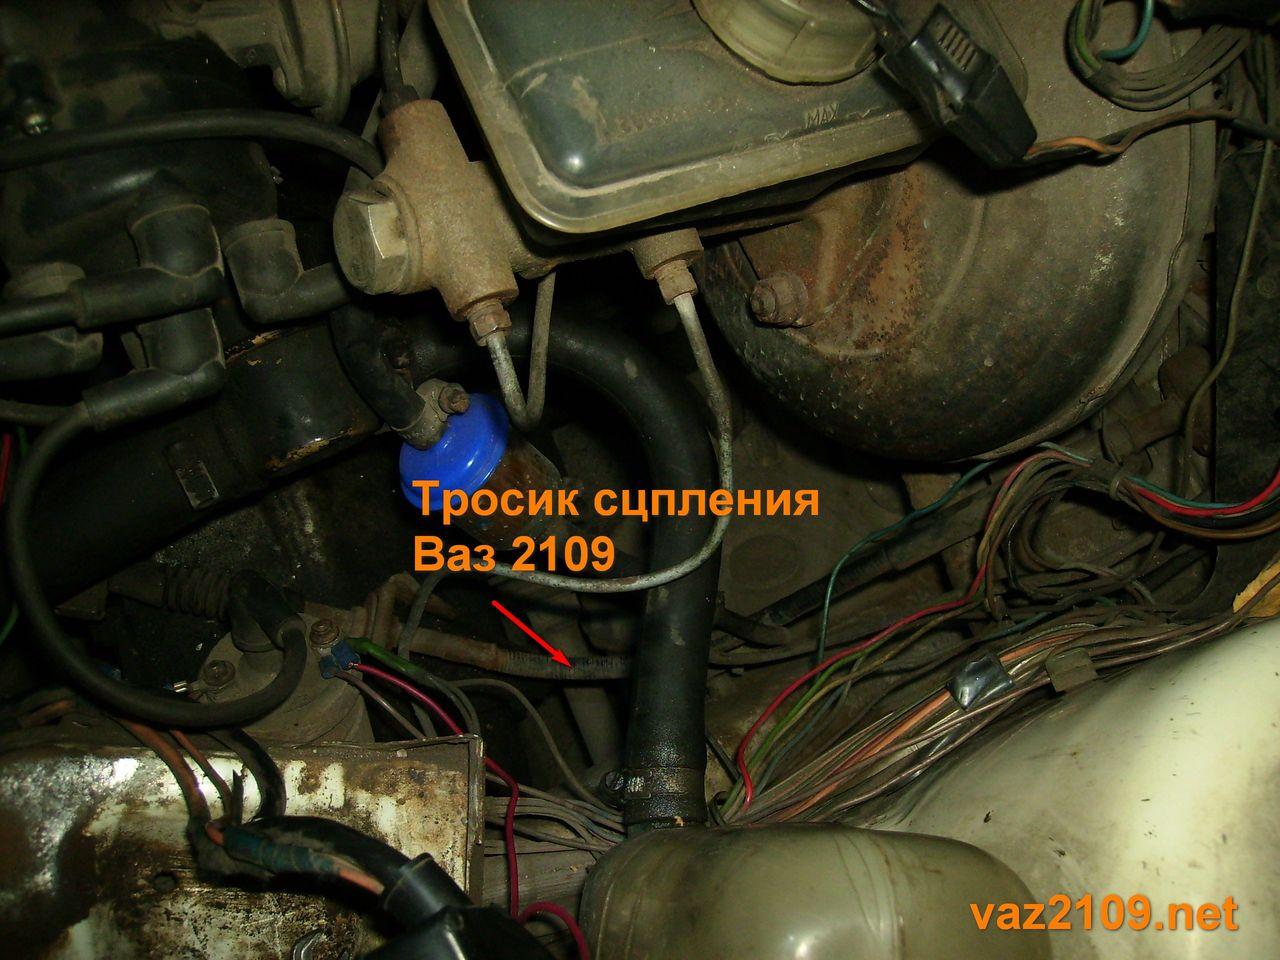 Тросик сцепления Ваз 2109